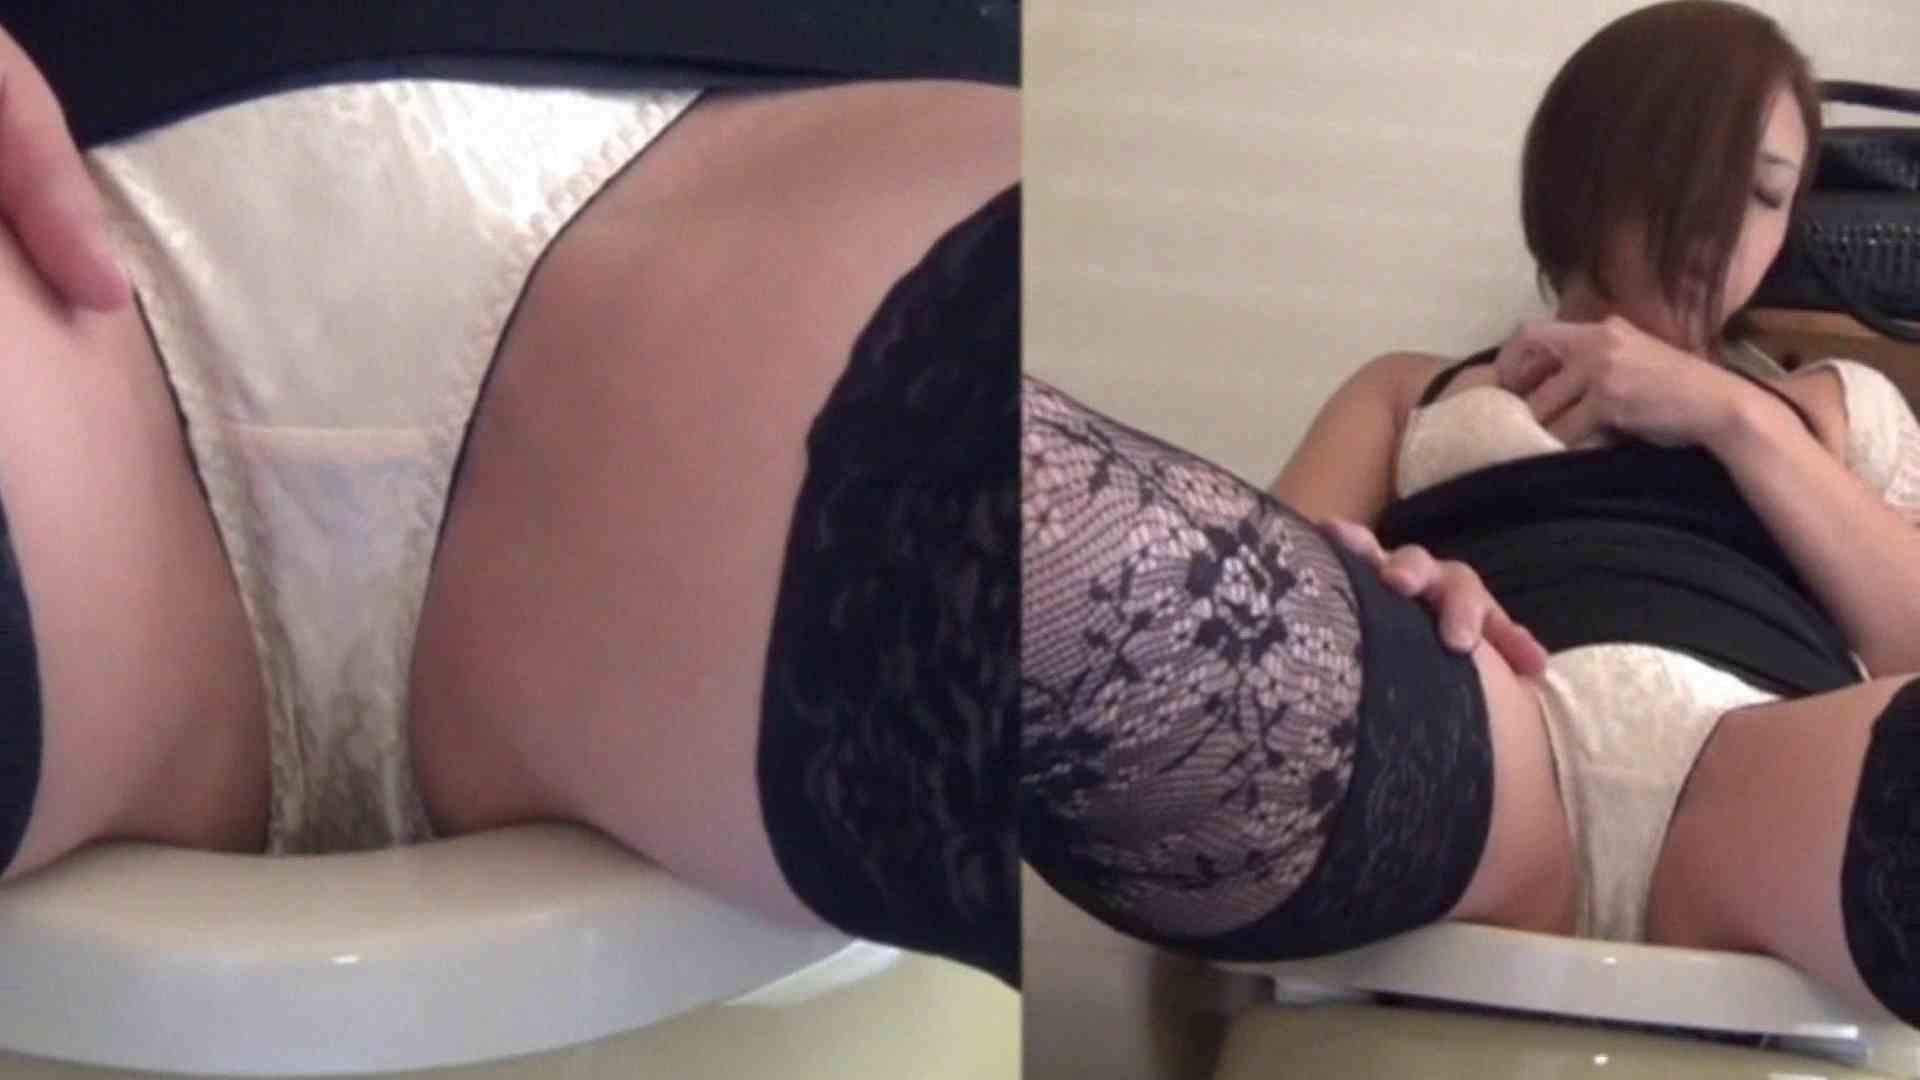 変態オナニー劇場 Vol.38 ギャル盗撮映像   オナニーガール  85PIX 7